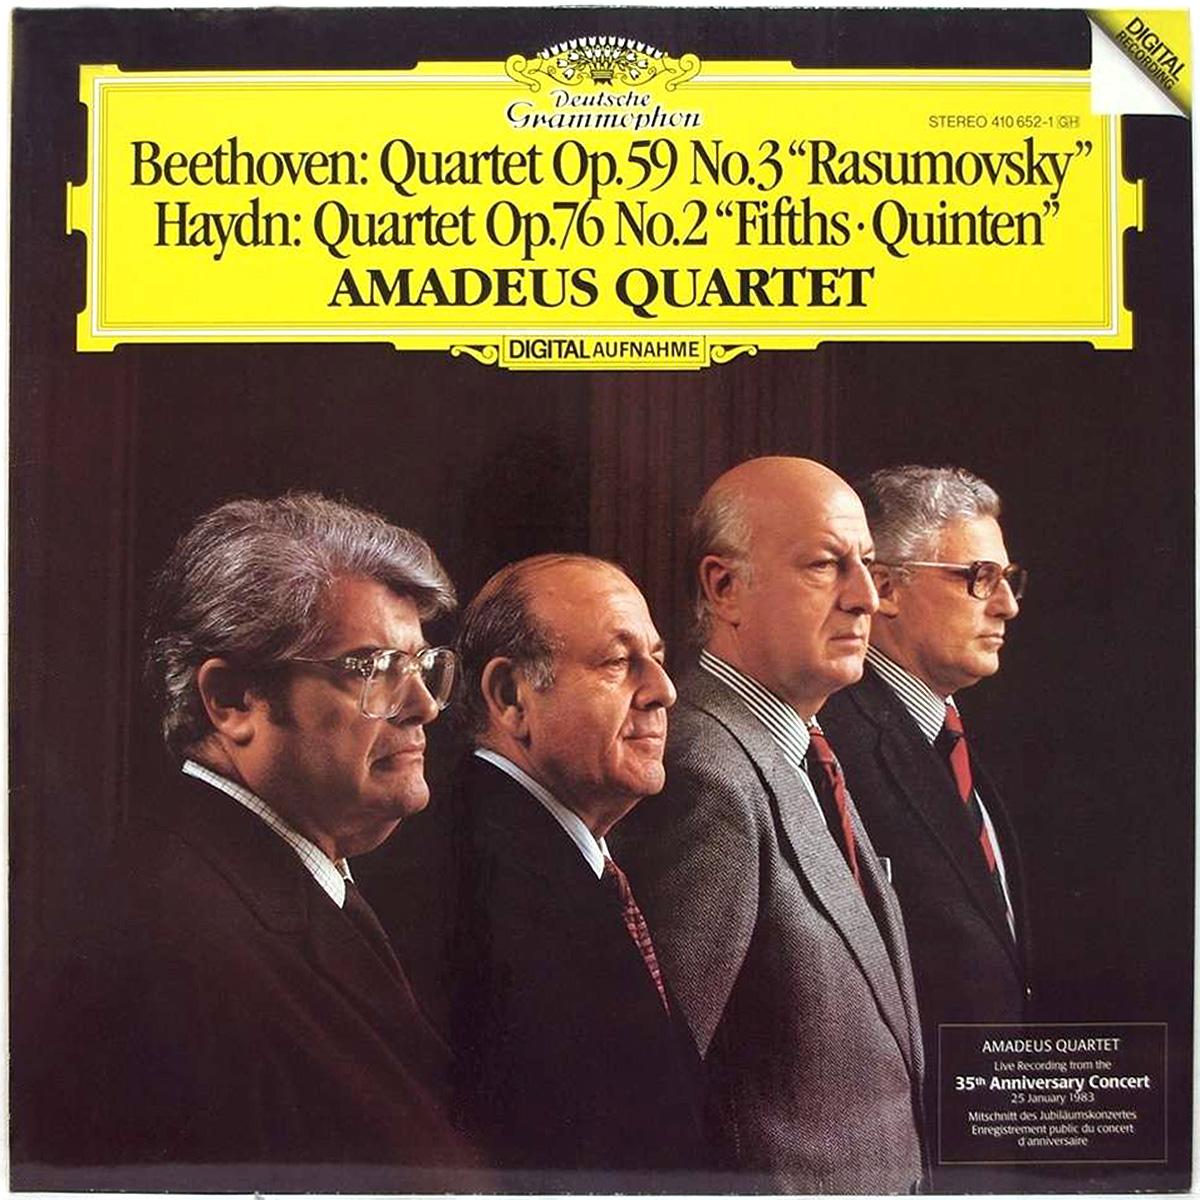 DGG 410 652 Beethoven Haydn Quatuors 2 & 3 Quartet Amadeus DGG Digital Aufnahme